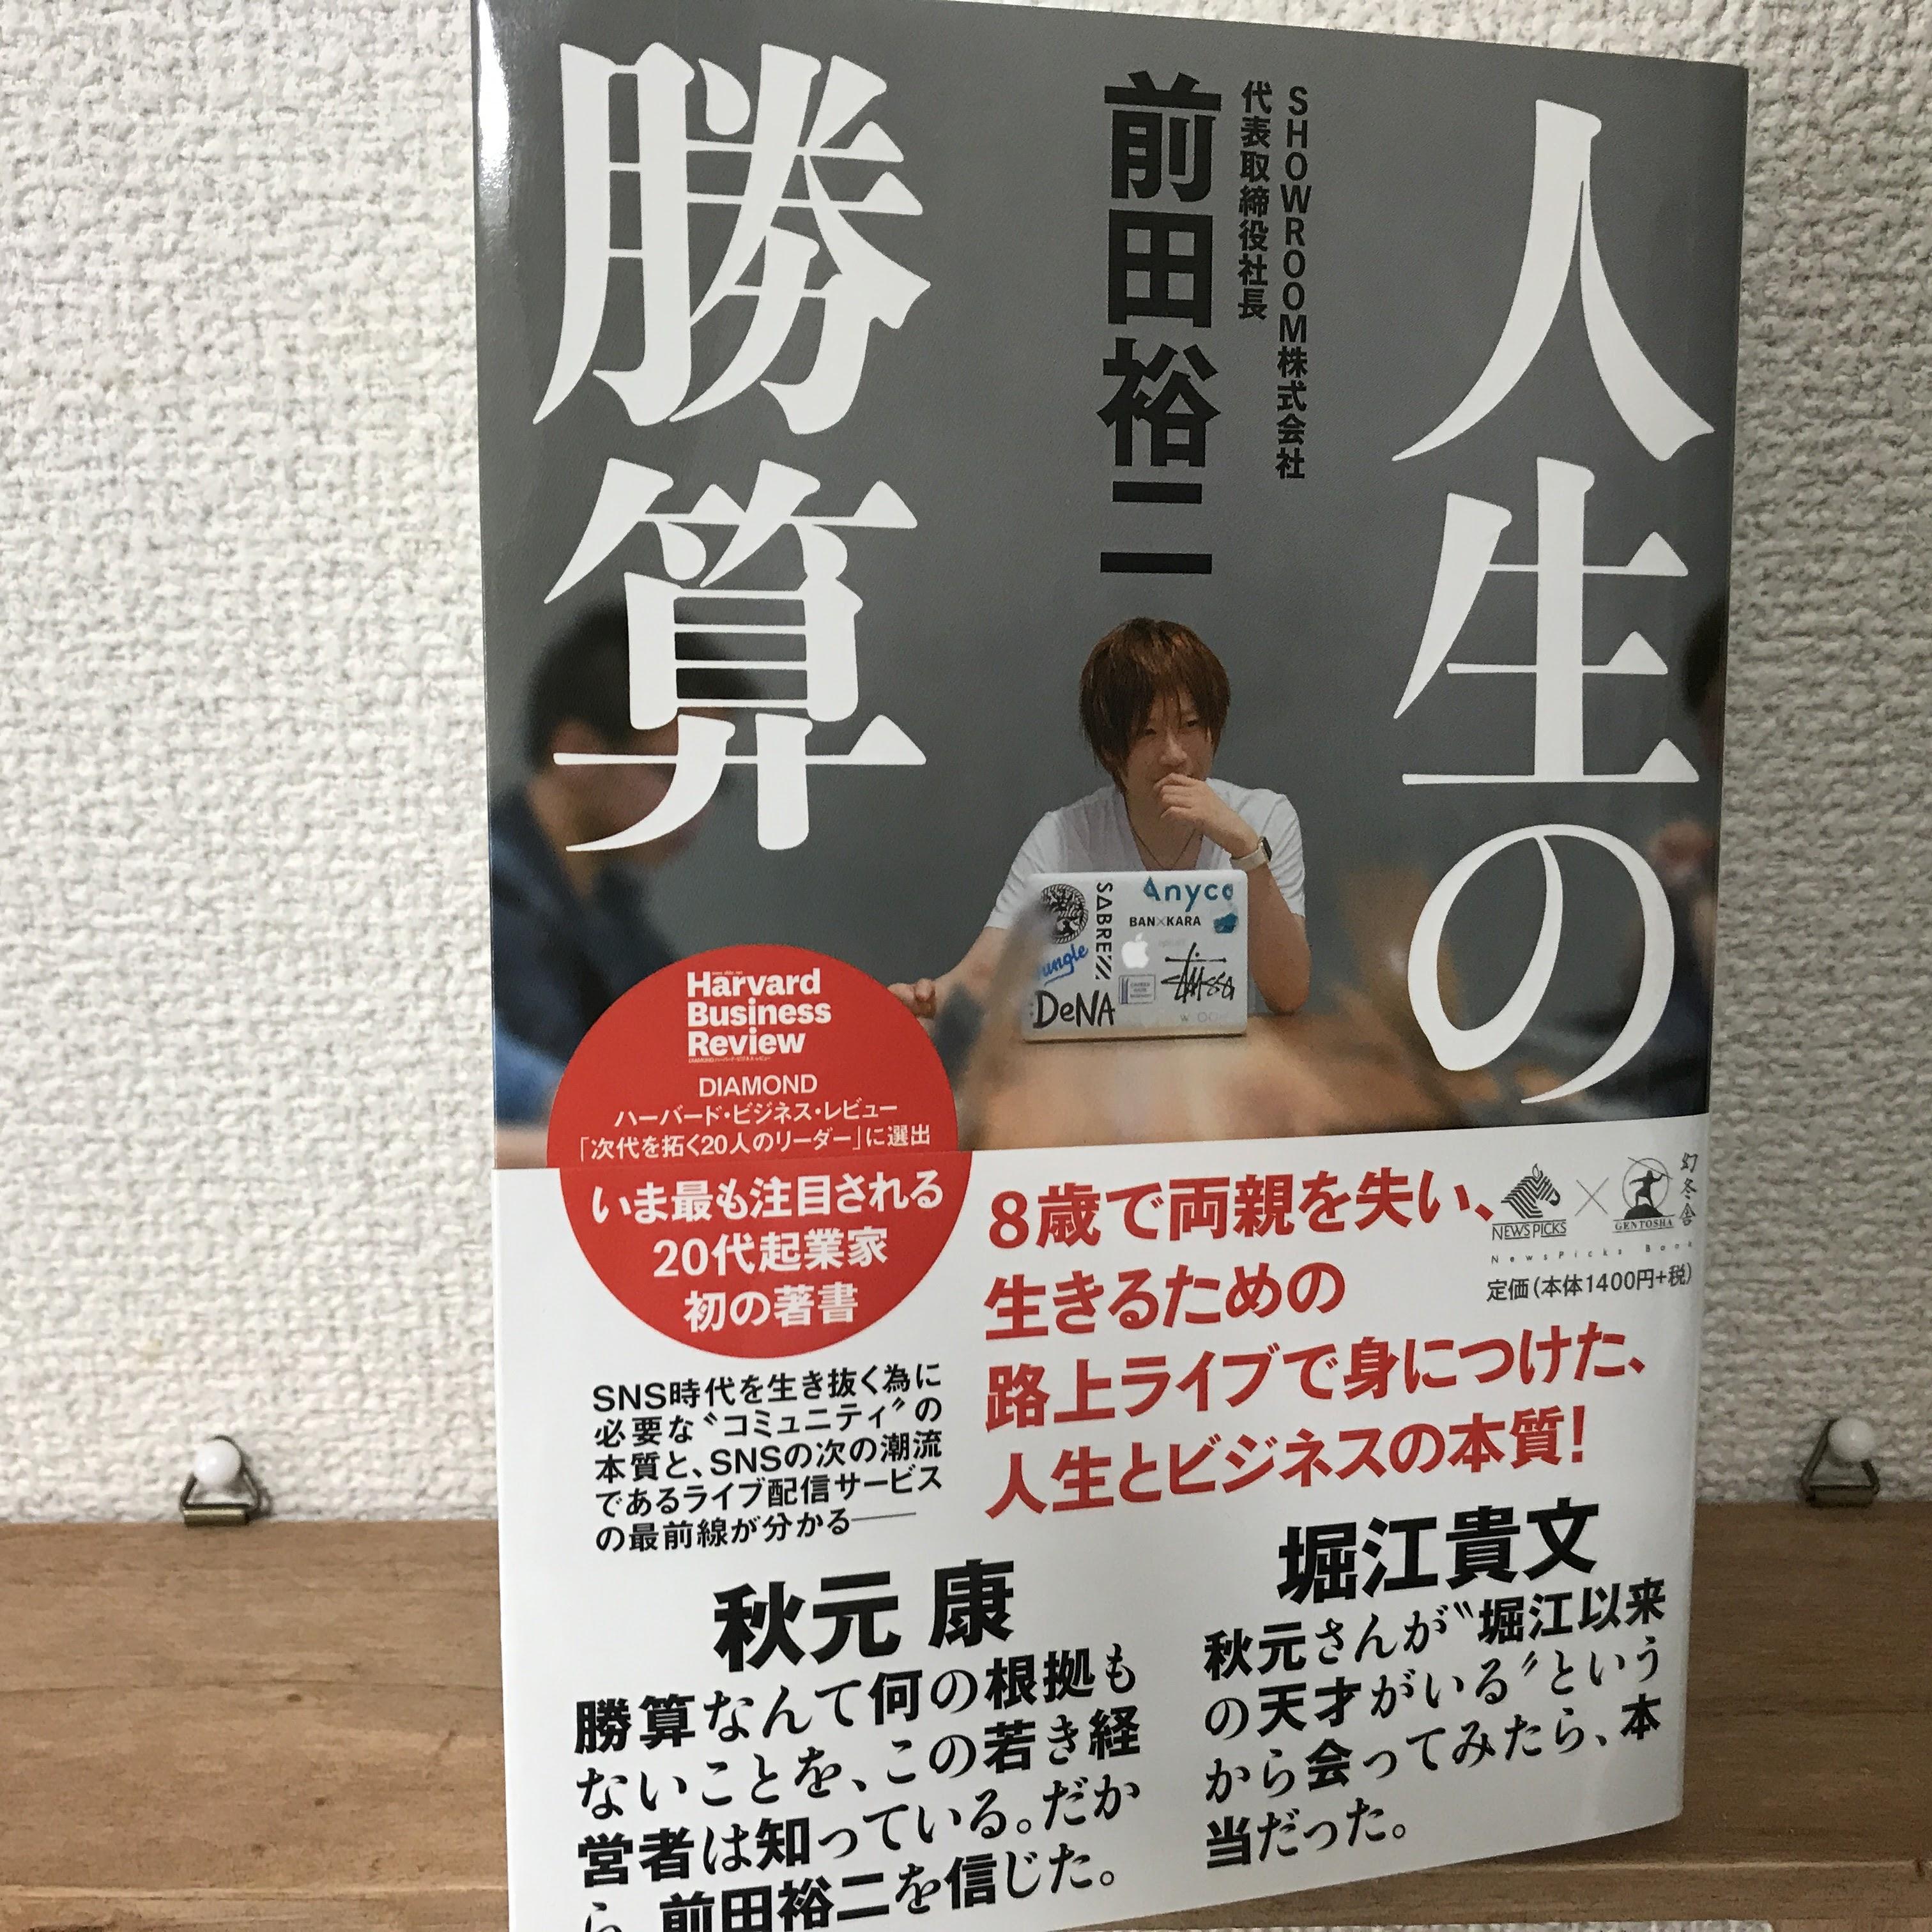 先日読んだキングコング西野さんの「魔法のコンパス」の中で紹介されていた前田祐二さんという方の「人生の勝算」という本を読みまし